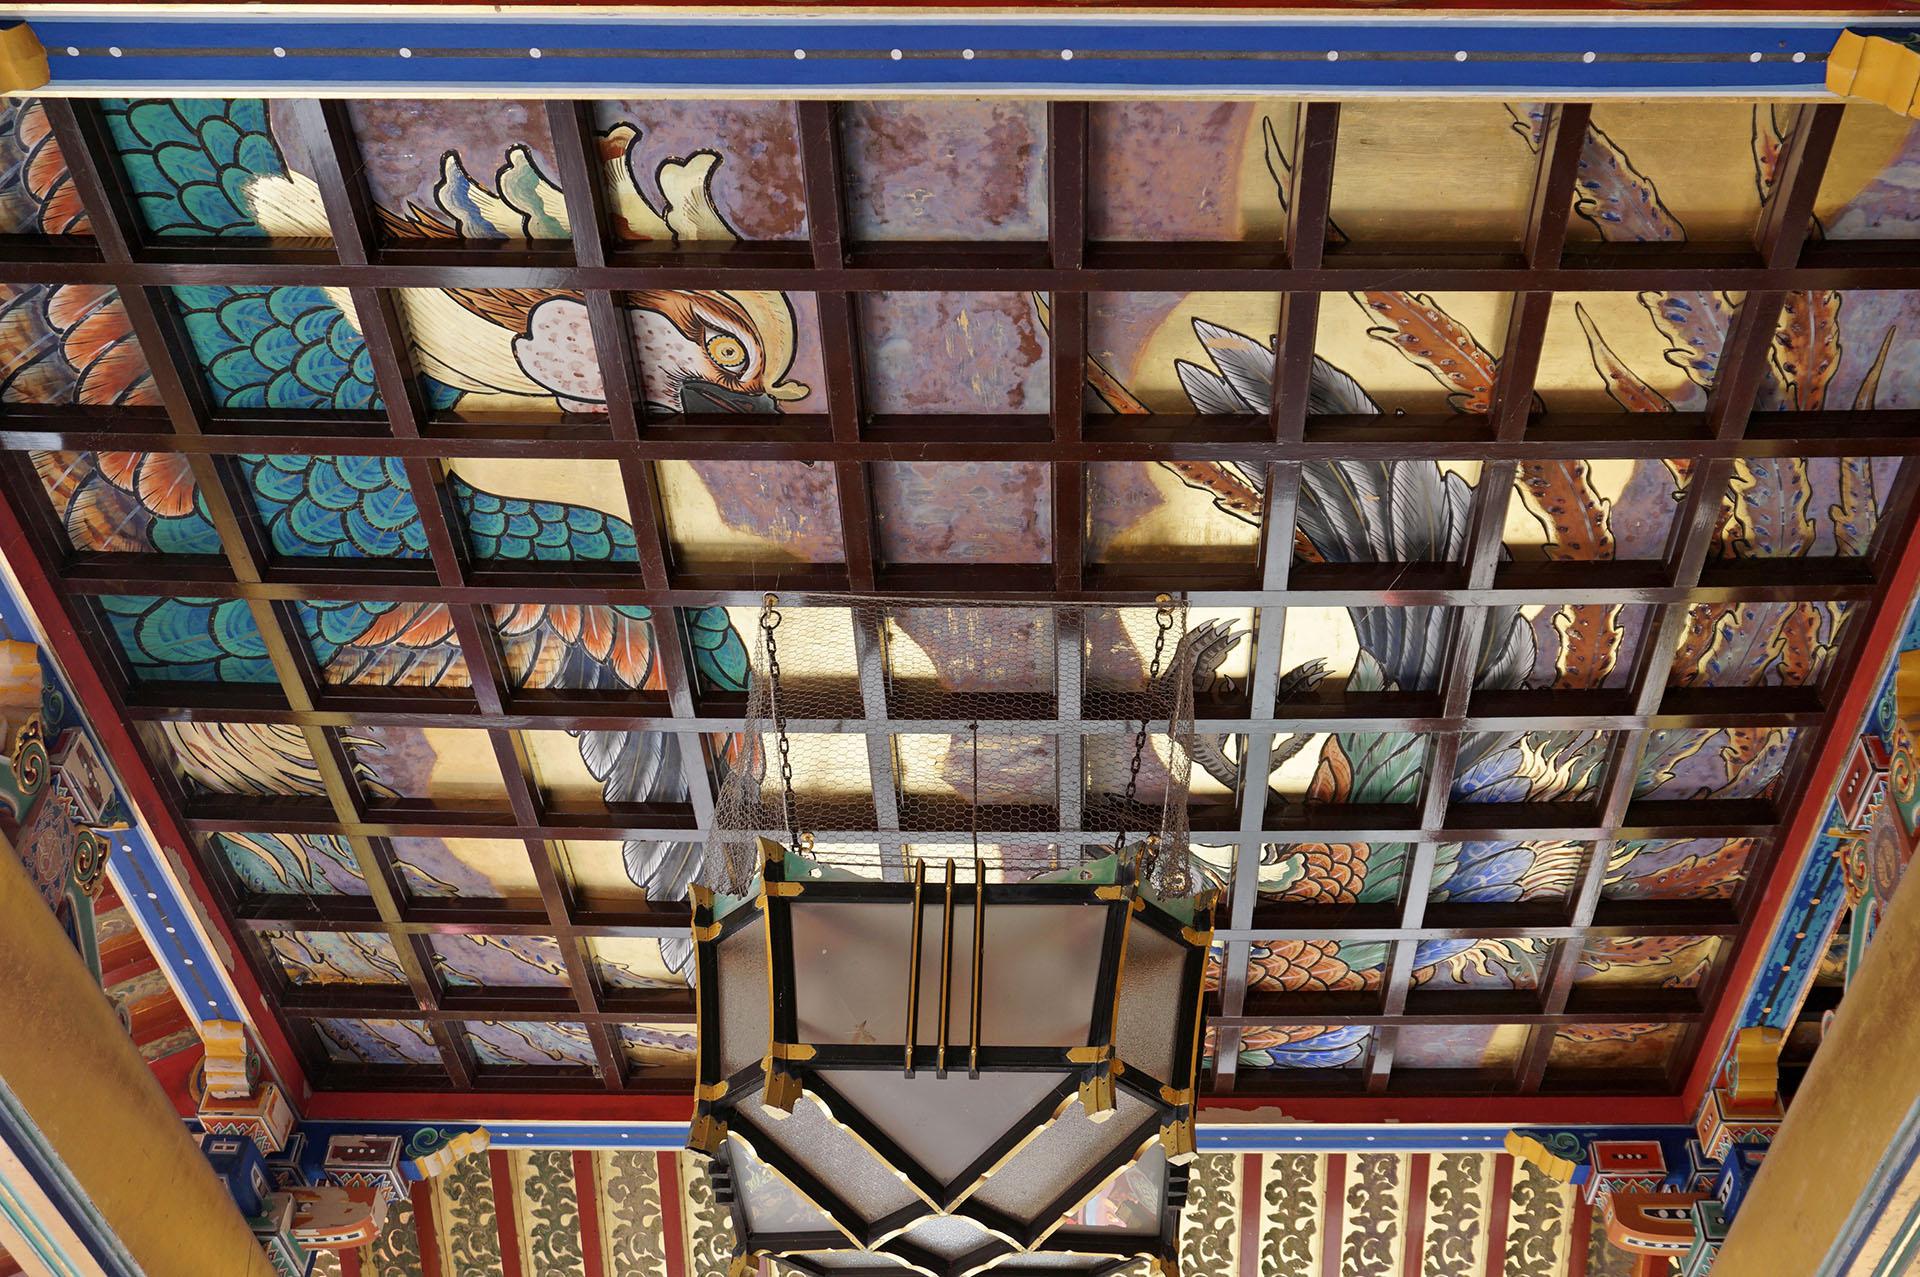 祐徳稲荷神社の社殿の彫刻や天井の絵